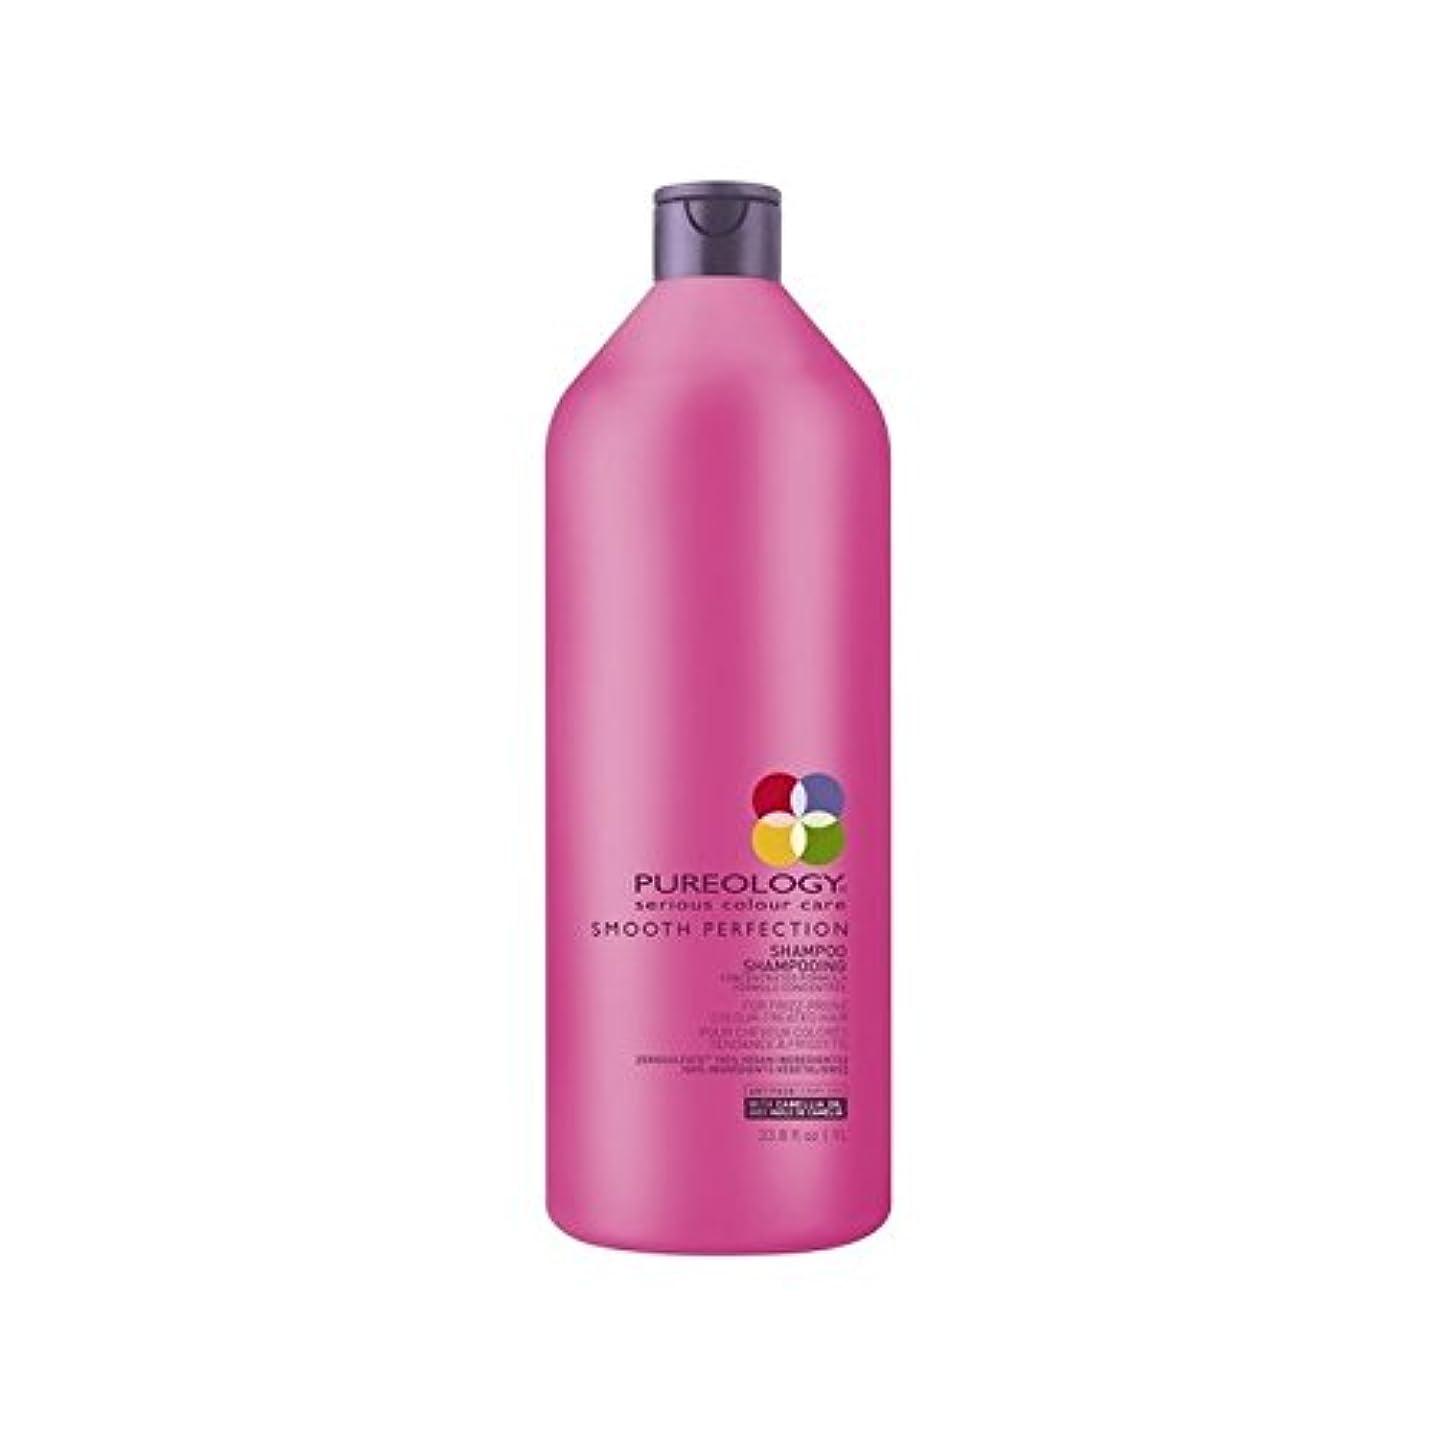 リーダーシップ化学薬品彼らのPureology Smooth Perfection Shampoo (1000ml) - 平滑完全シャンプー(千ミリリットル) [並行輸入品]